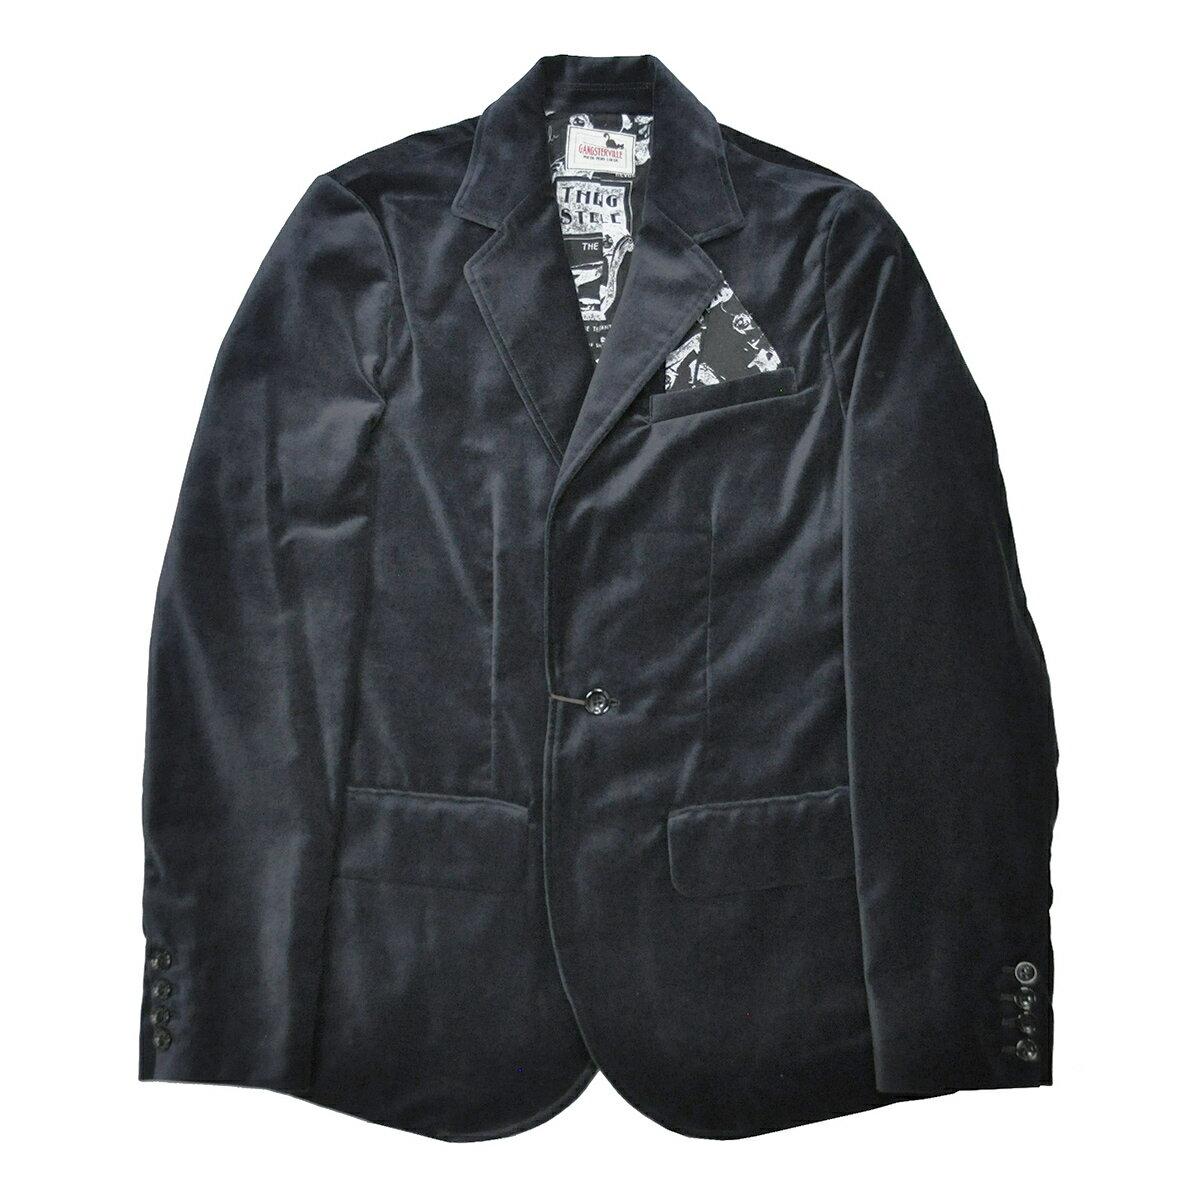 GANGSTERVILLE THE REVUE - JACKET (BLACK) ギャングスタービル 別珍 テーラードジャケット/GLADHAND【WEIRDO/ウィアード/OLD CROW/オールドクロウ】